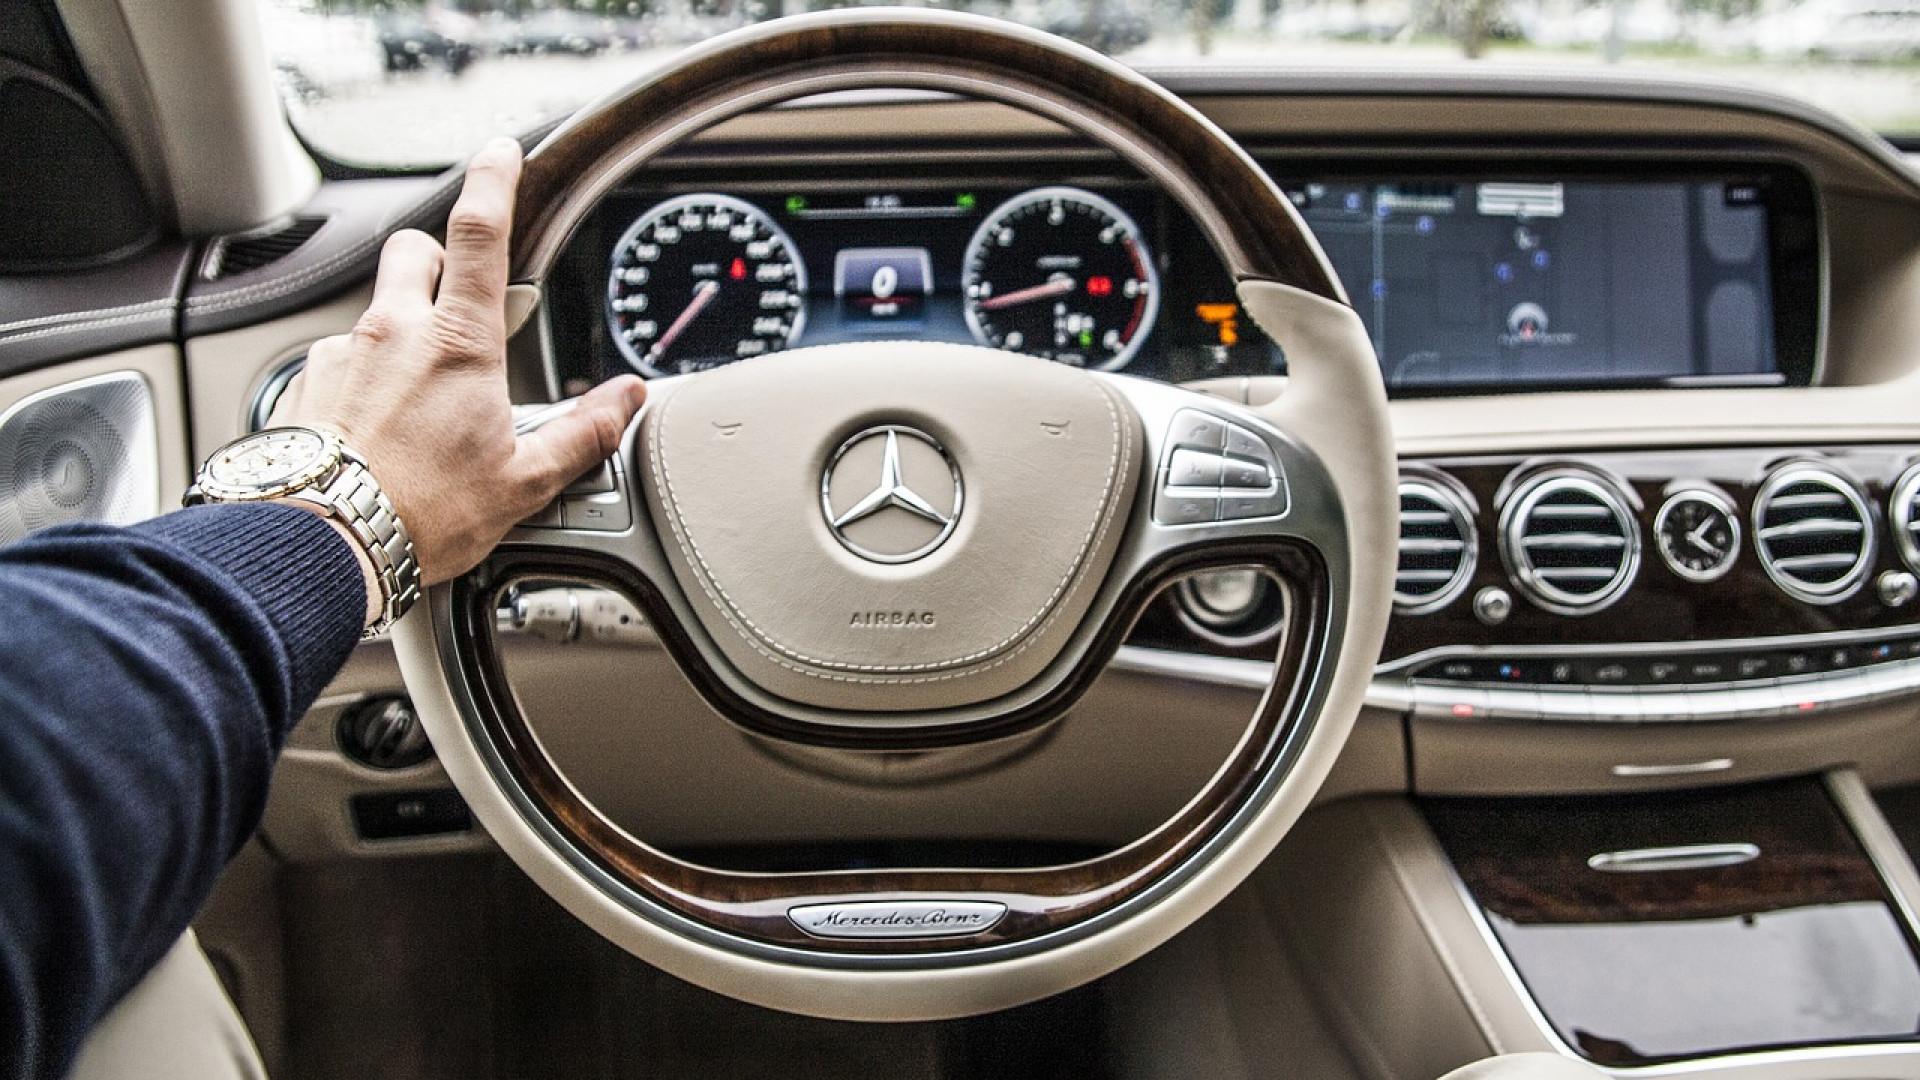 Location de voiture, pourquoi faire confiance à un professionnel ?